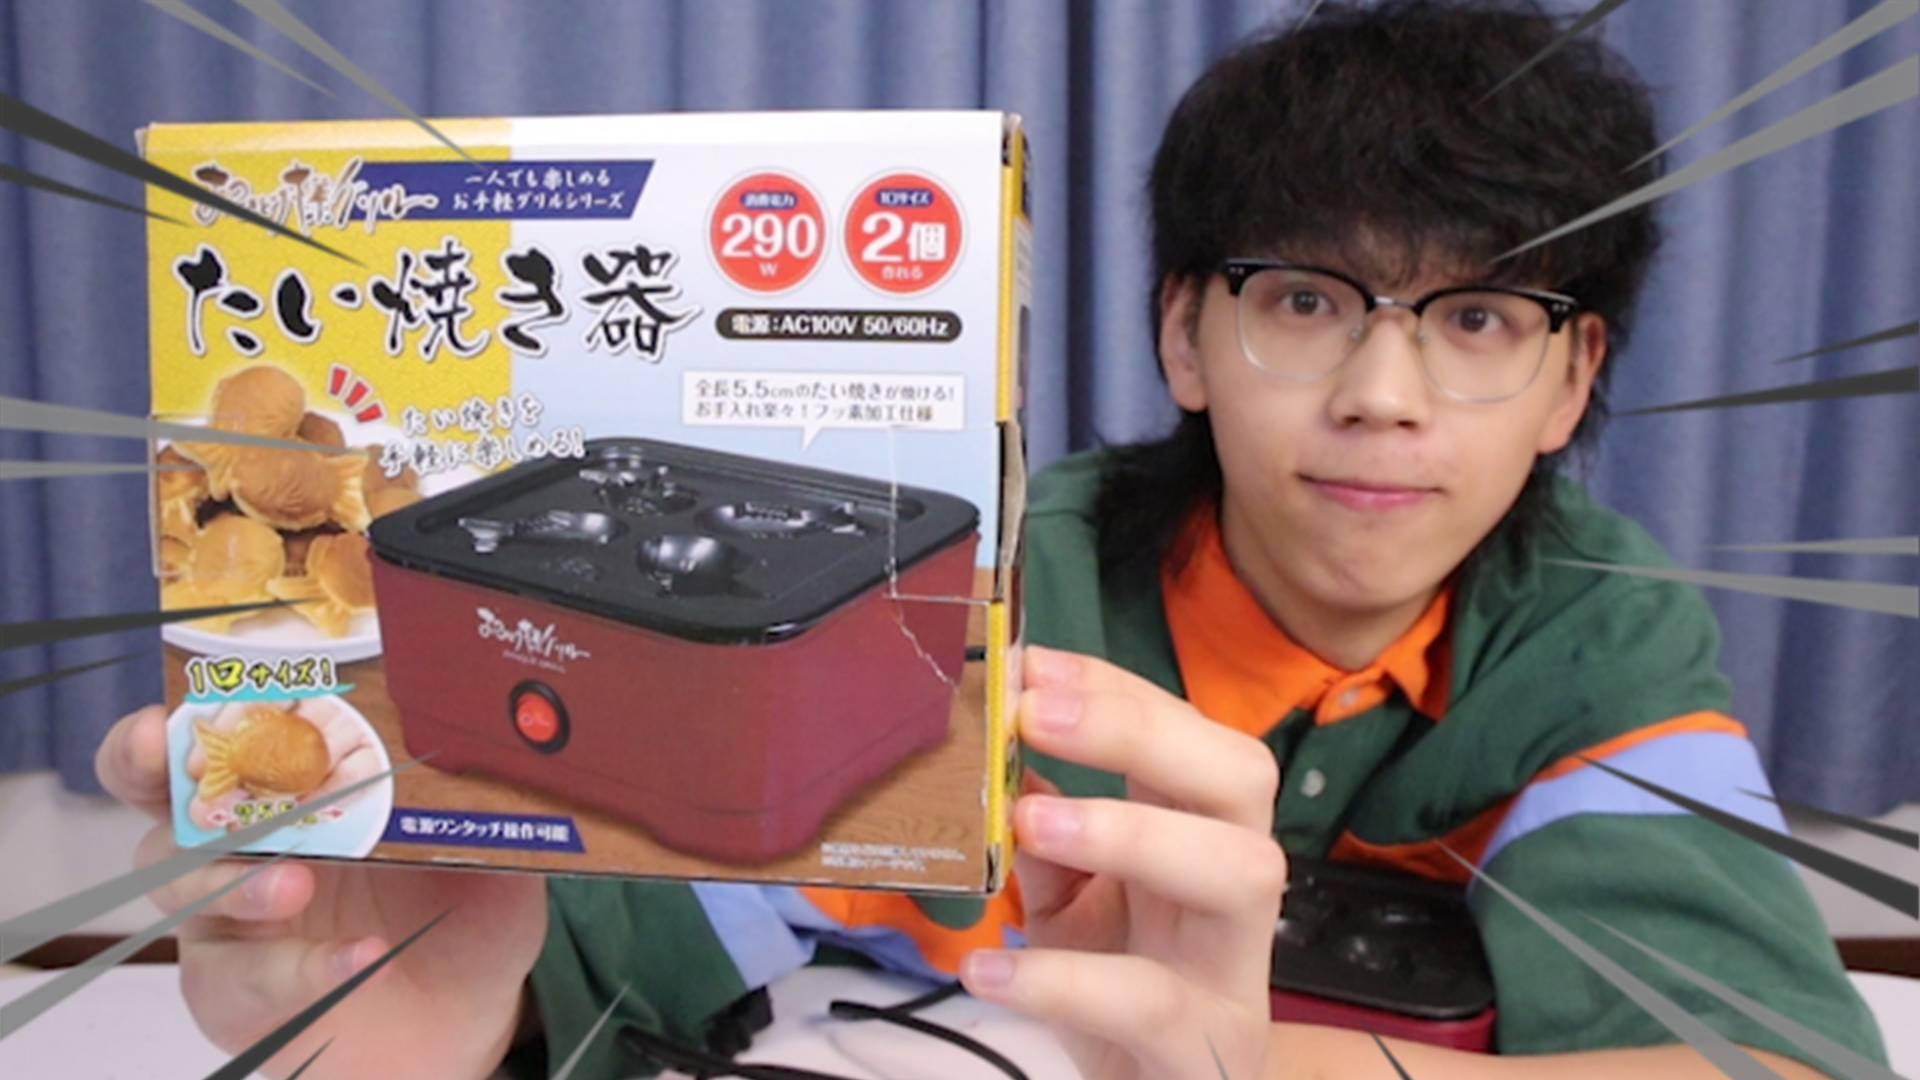 男子开箱74元的迷你日式鲷鱼烧机真的好用吗?